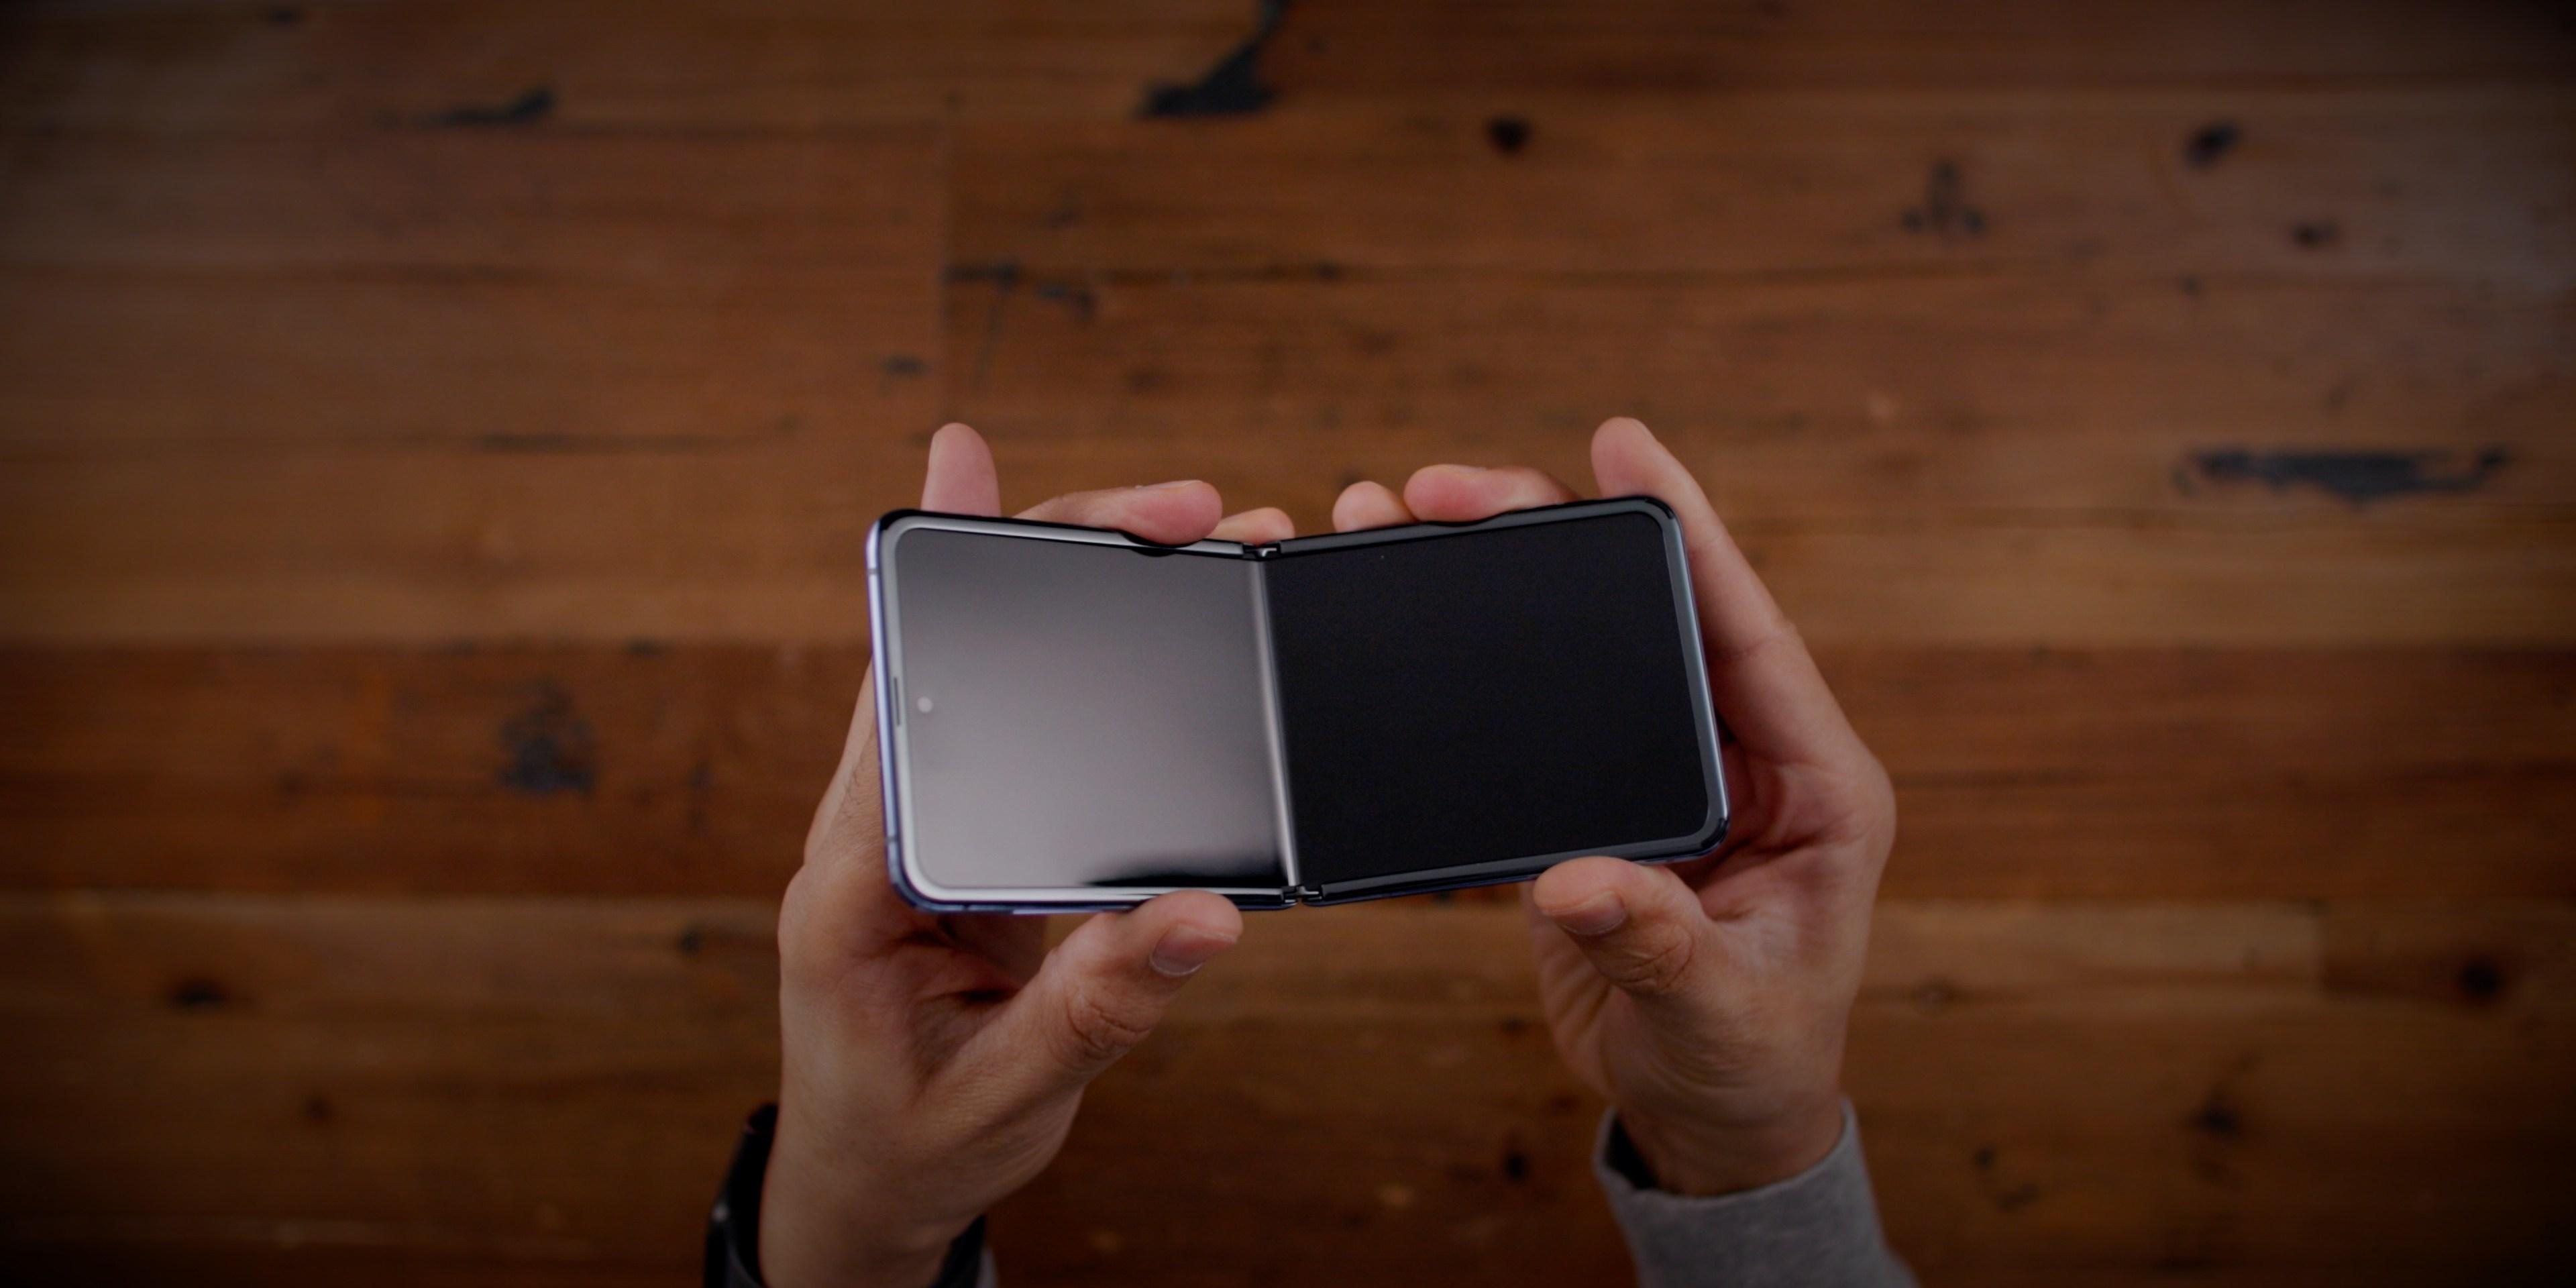 Apple đang phát triển nguyên mẫu iPhone có thể gập lại